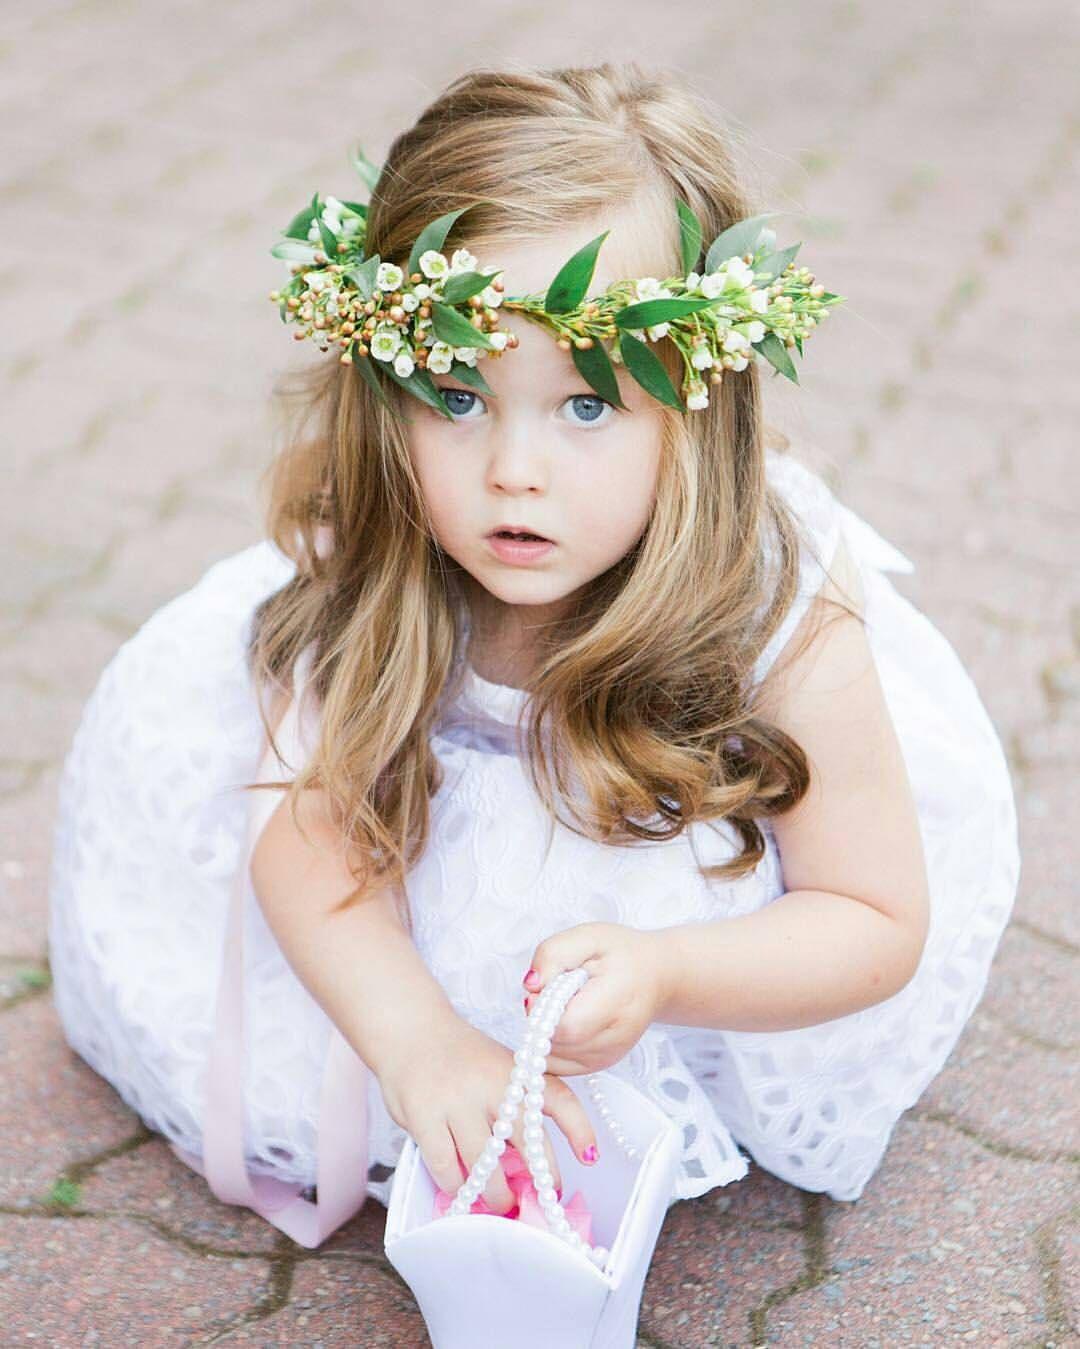 Flower girl flower crown berminghamtobe pinterest wedding flower girl flower crown izmirmasajfo